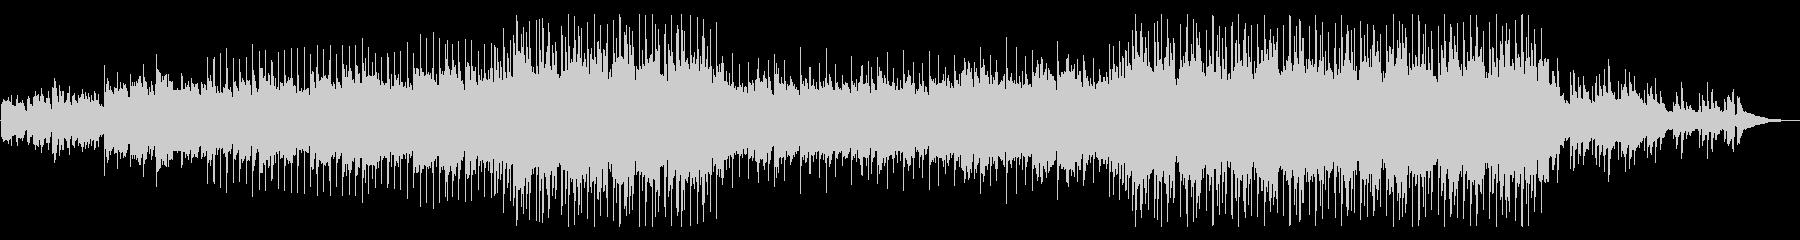 サビのある綺麗なピアノバラードポップの未再生の波形